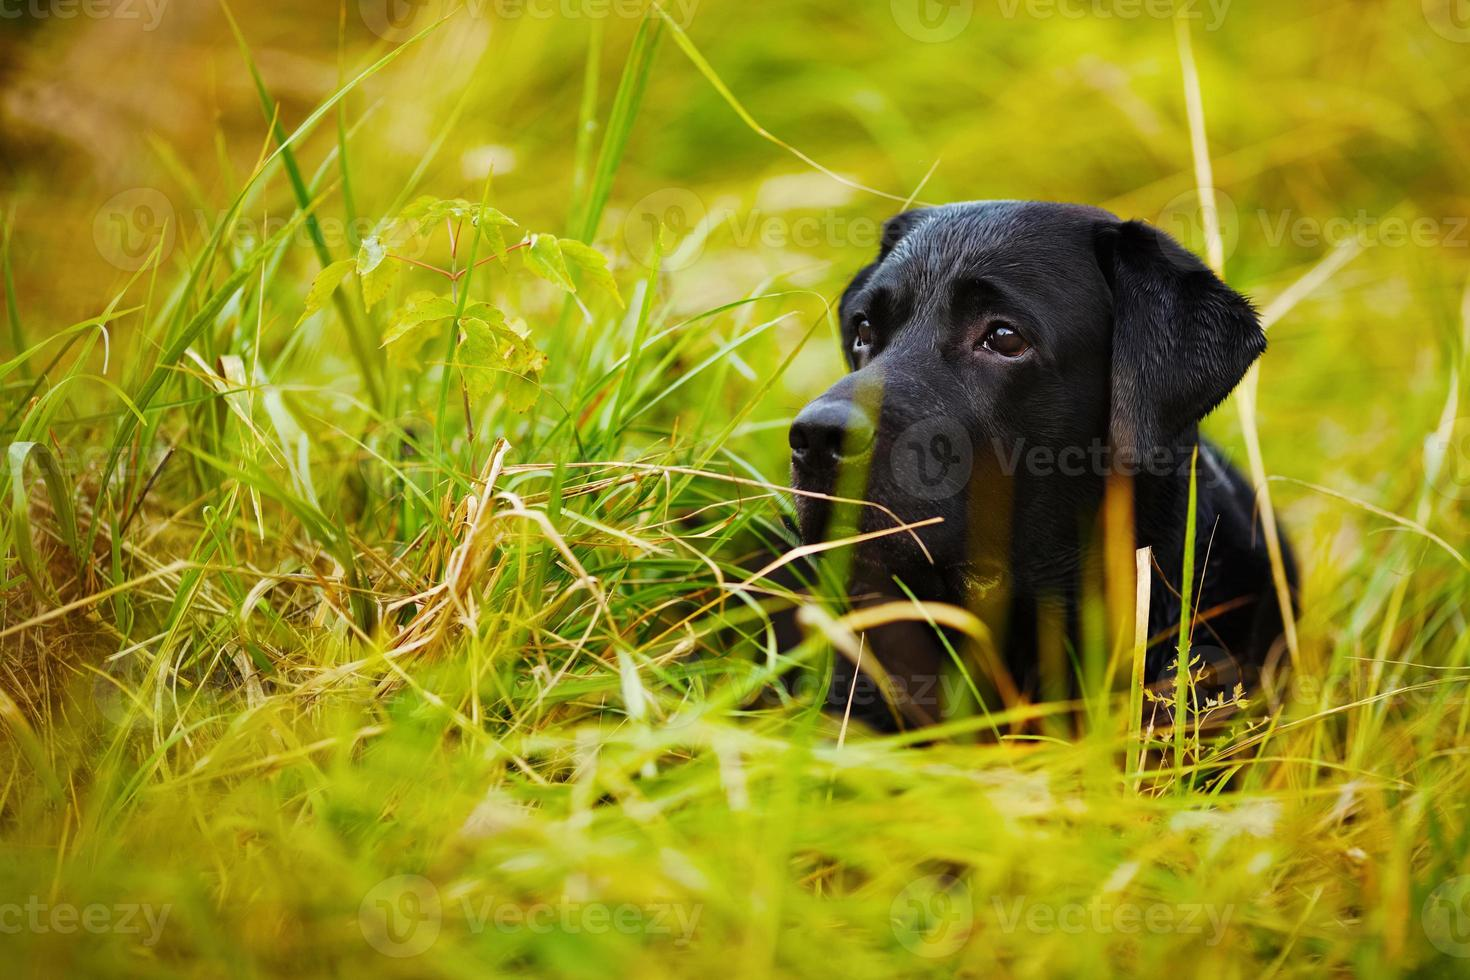 zwarte labrador verstopt in het gras foto